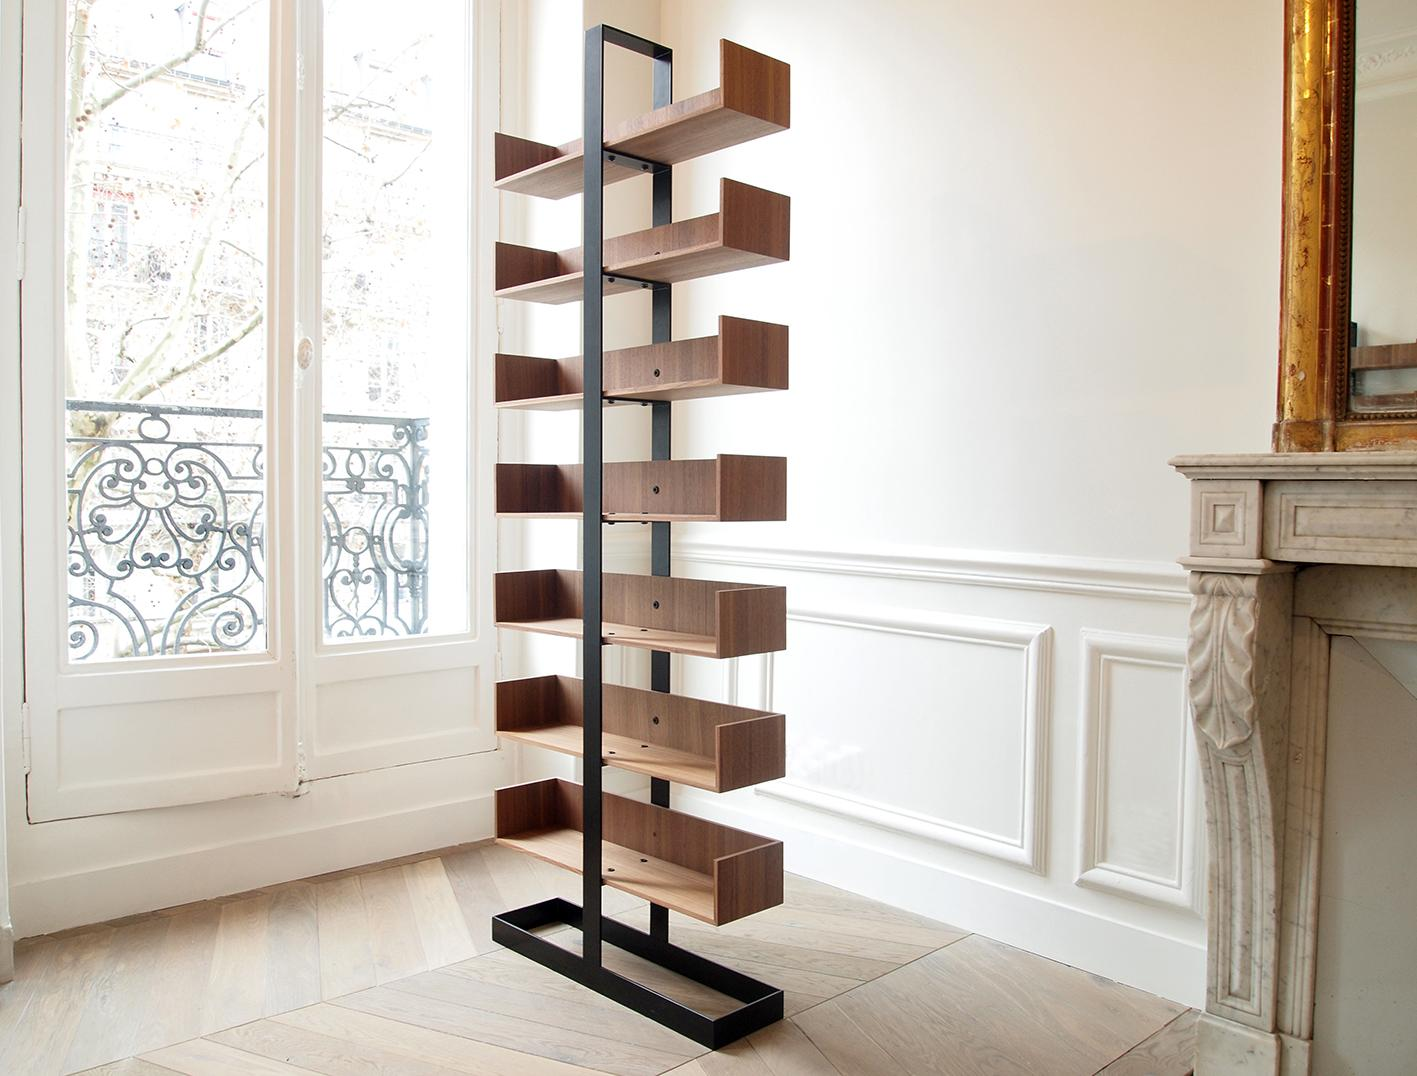 meubles de designer - Meubles Designer